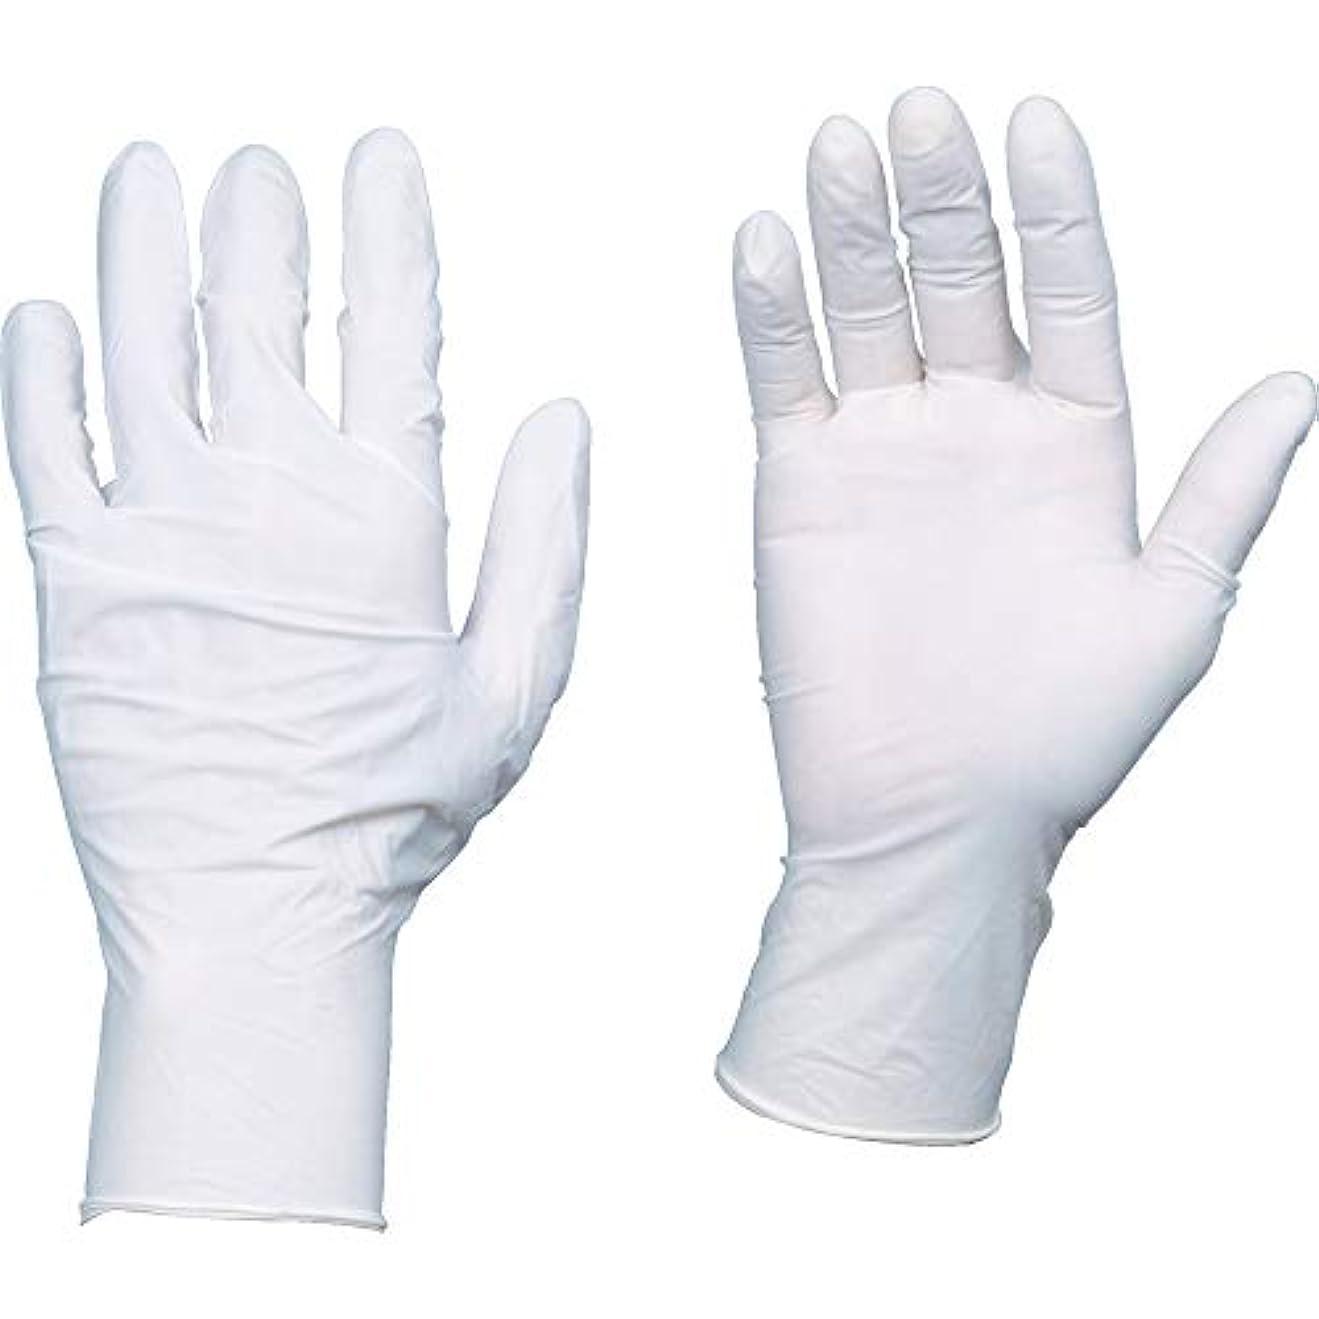 交響曲アラーム断線TRUSCO(トラスコ) 10箱入り 使い捨て天然ゴム手袋TGワーク 0.10 粉付白M TGPL10WM10C